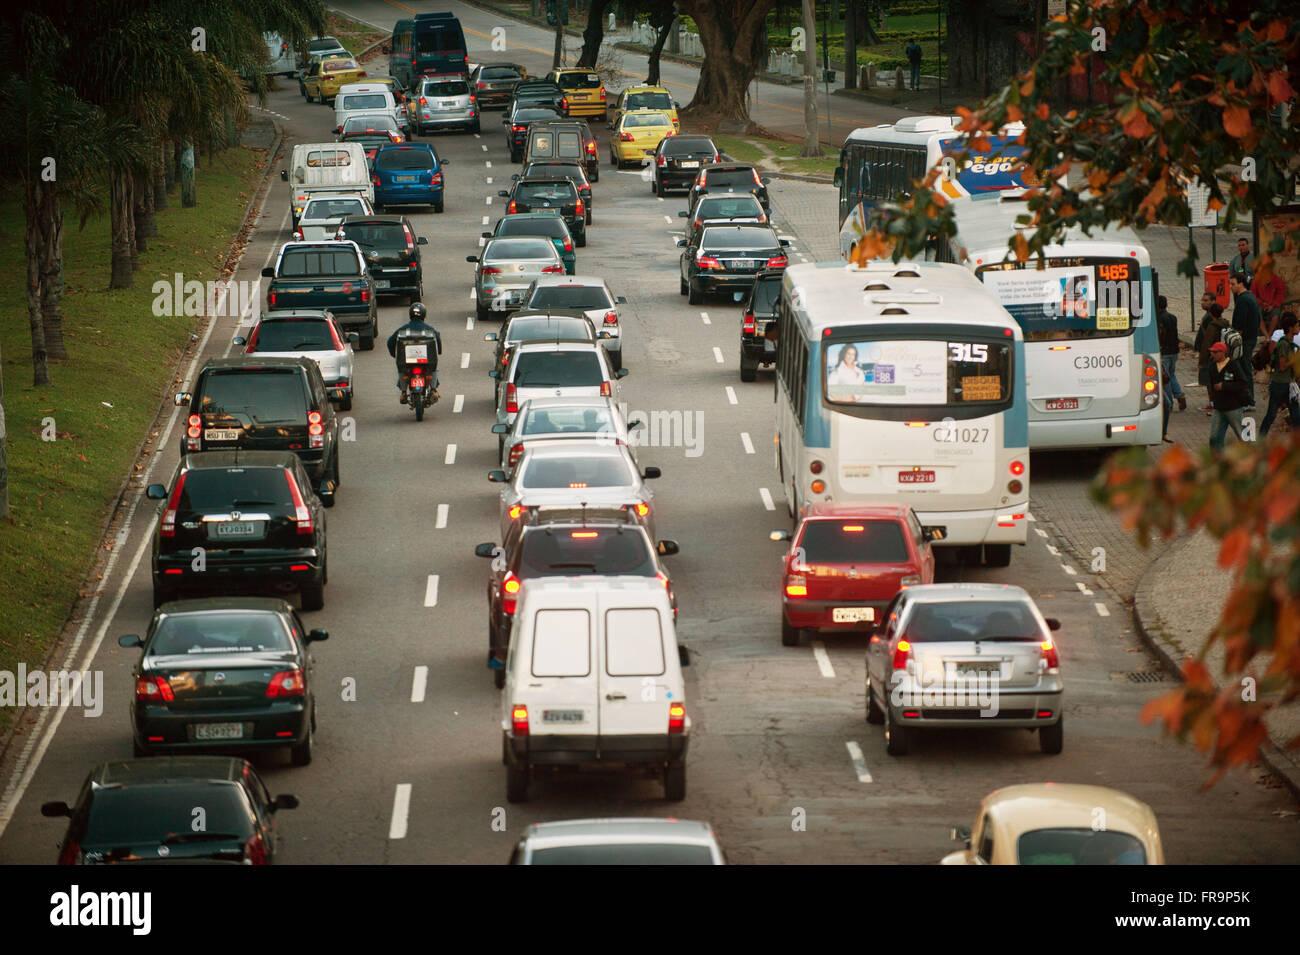 Traffic congestion on the avenue of Sao Conrado neighborhood - south of the city of Rio de Janeiro - Stock Image